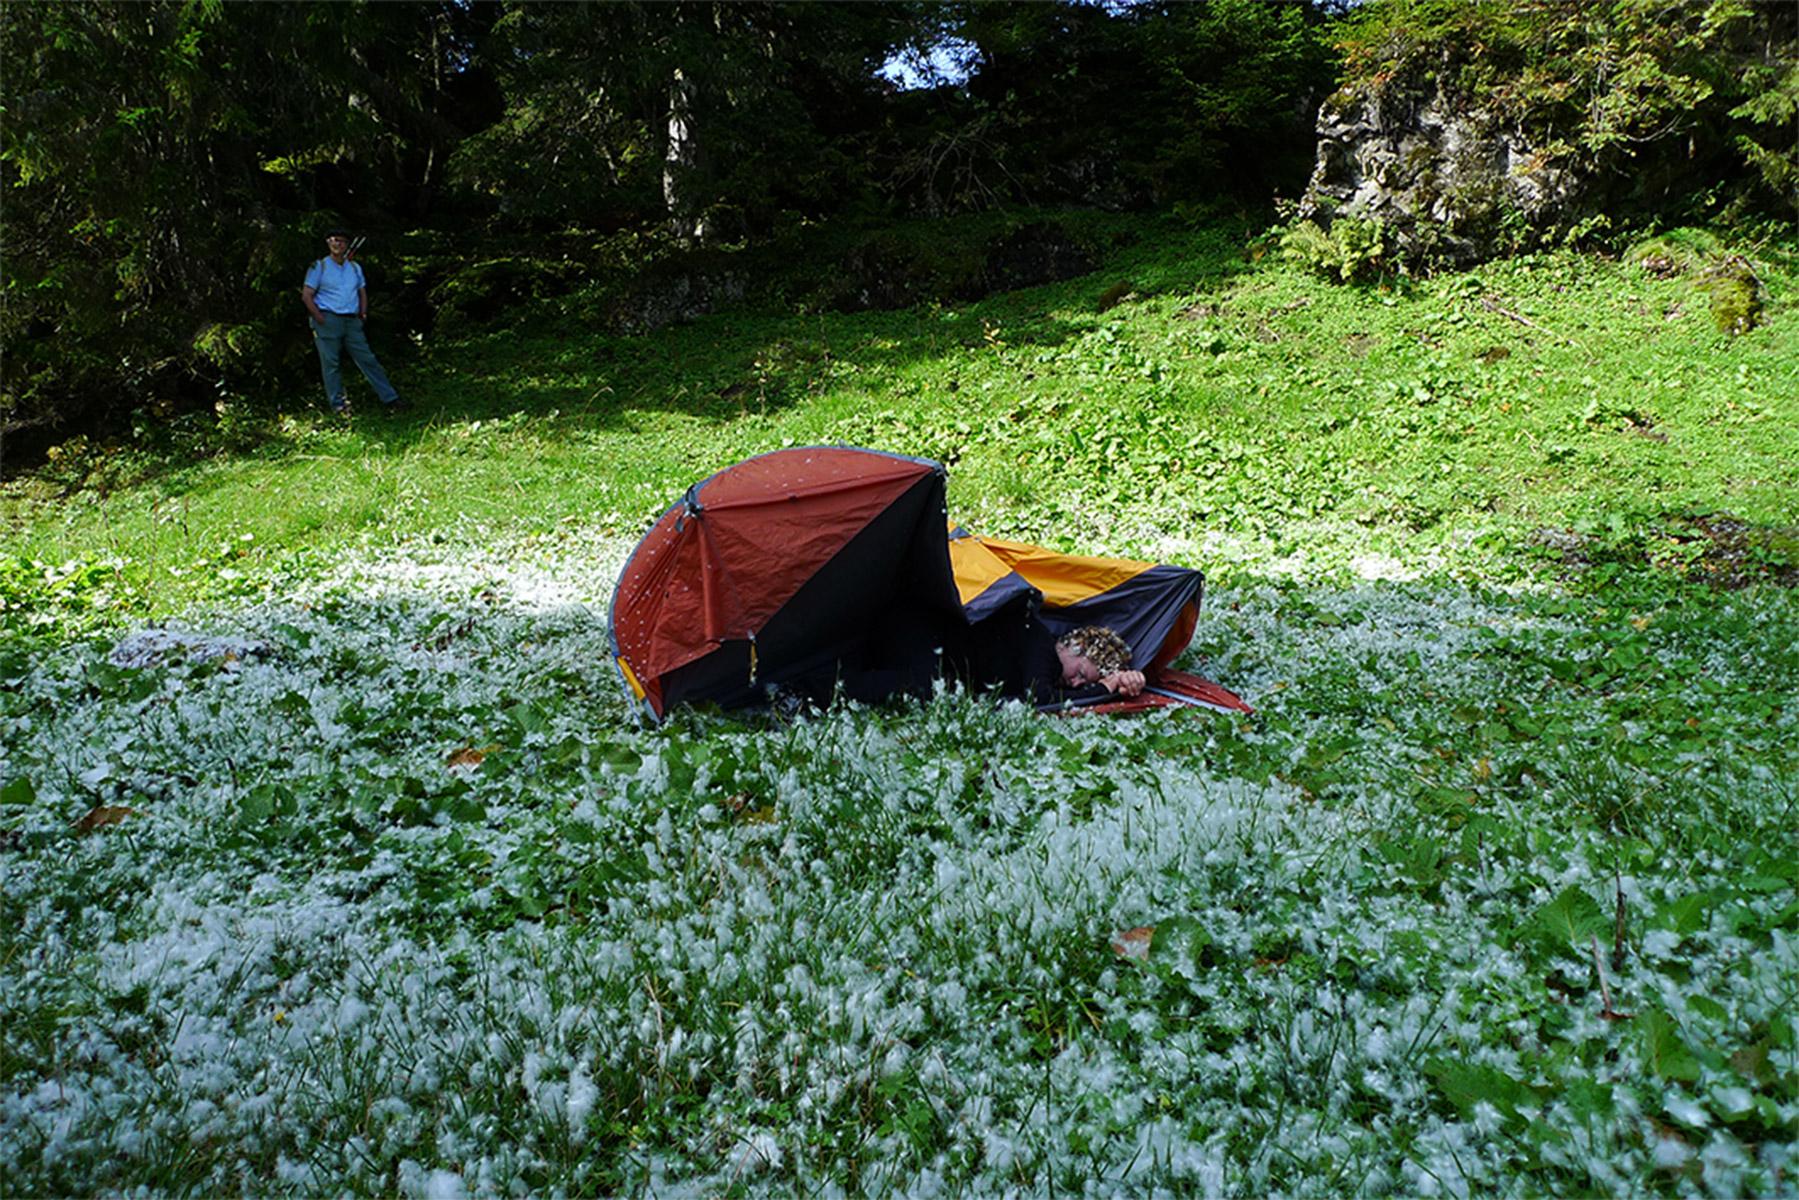 ...der Sturm ist vorbei. Olivia legt sich auf das eben noch herumgeschleuderte Zelt. Atmet heftig. Im Hörspiel erzählt ein Alpinist über sein Erlebnis, wie er einen Kameraden auf dem Berg zurücklassen musste. Dieser starb innerhalb von vier Stunden an der Höhenkrankheit.... Olivia steht langsam auf...entfernt sich...bergauf....